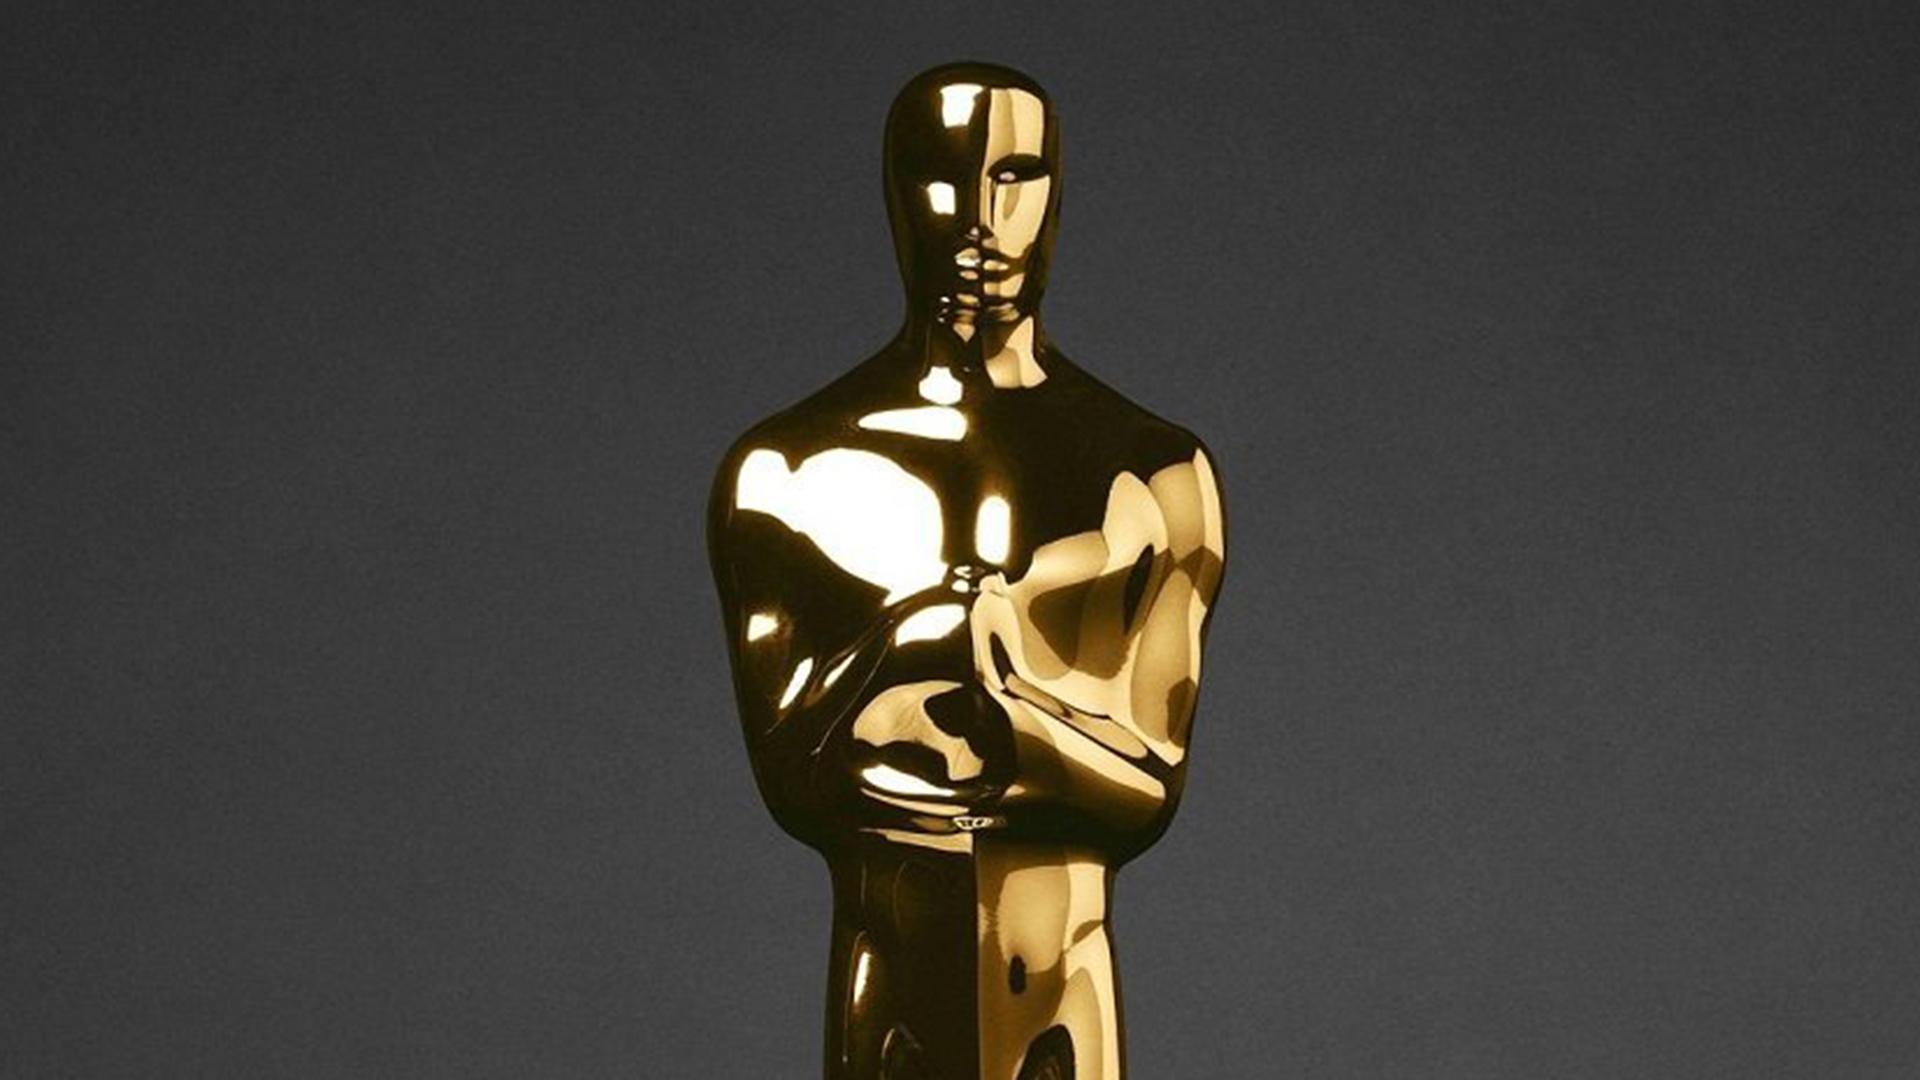 10 rarezas y sorpresas de los premios Oscar